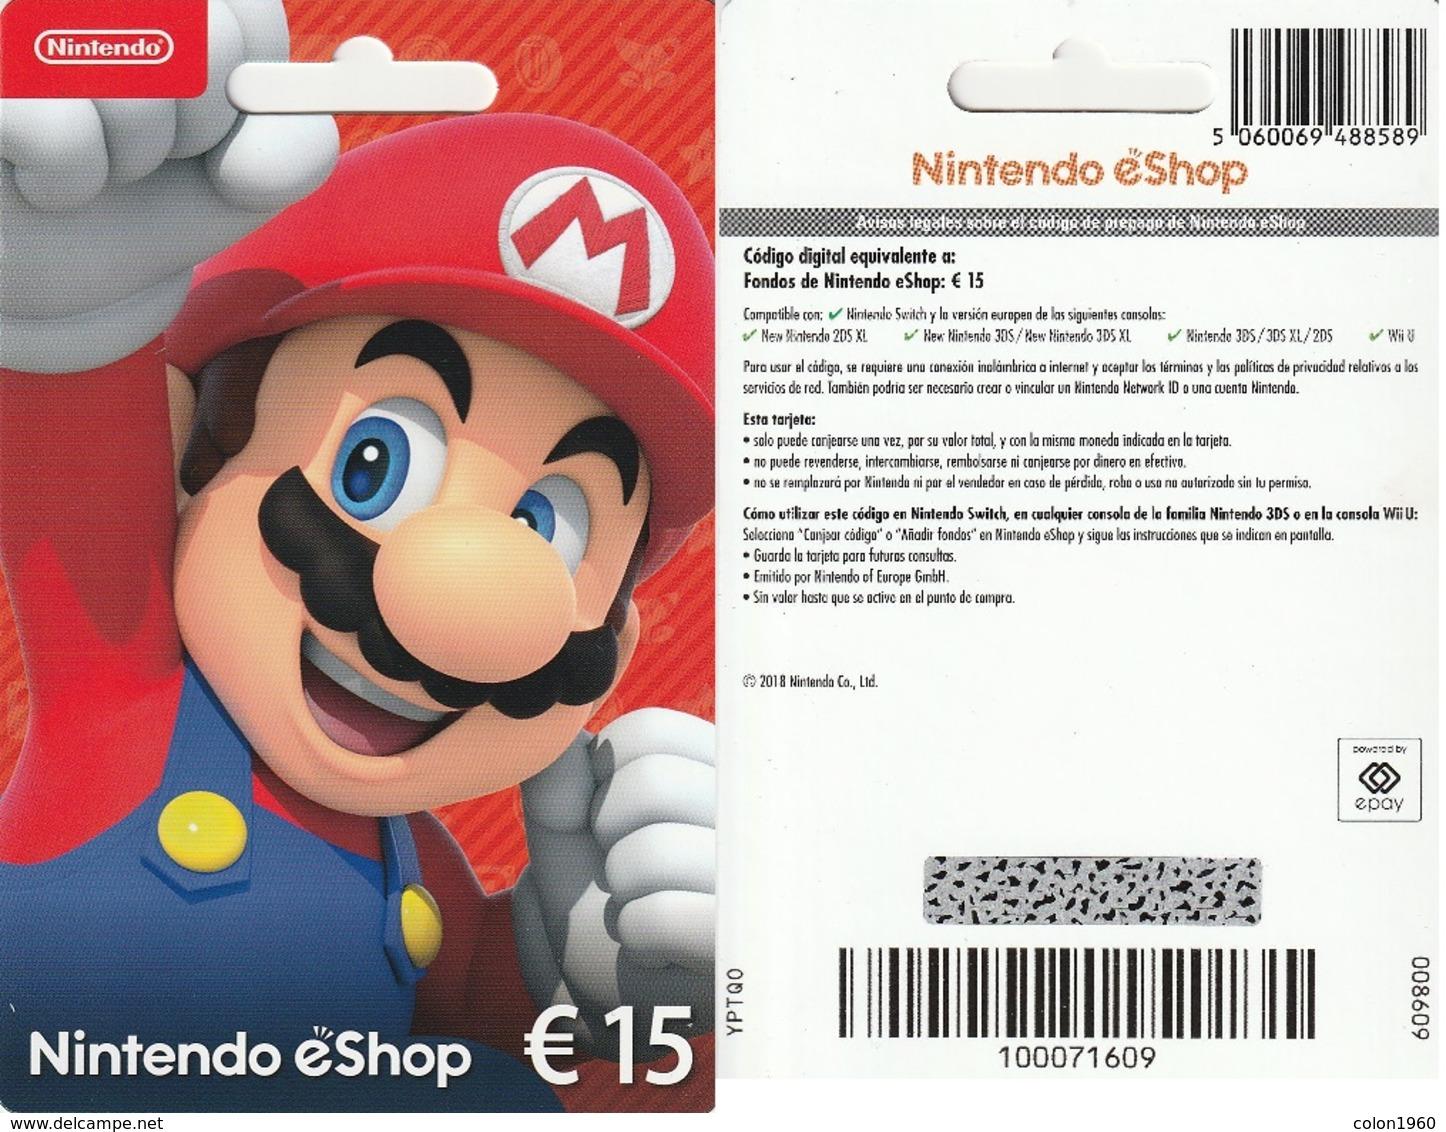 TARJETA REGALO DE ESPAÑA, GIFT CARD. NINTENDO. 082. - Tarjetas De Regalo